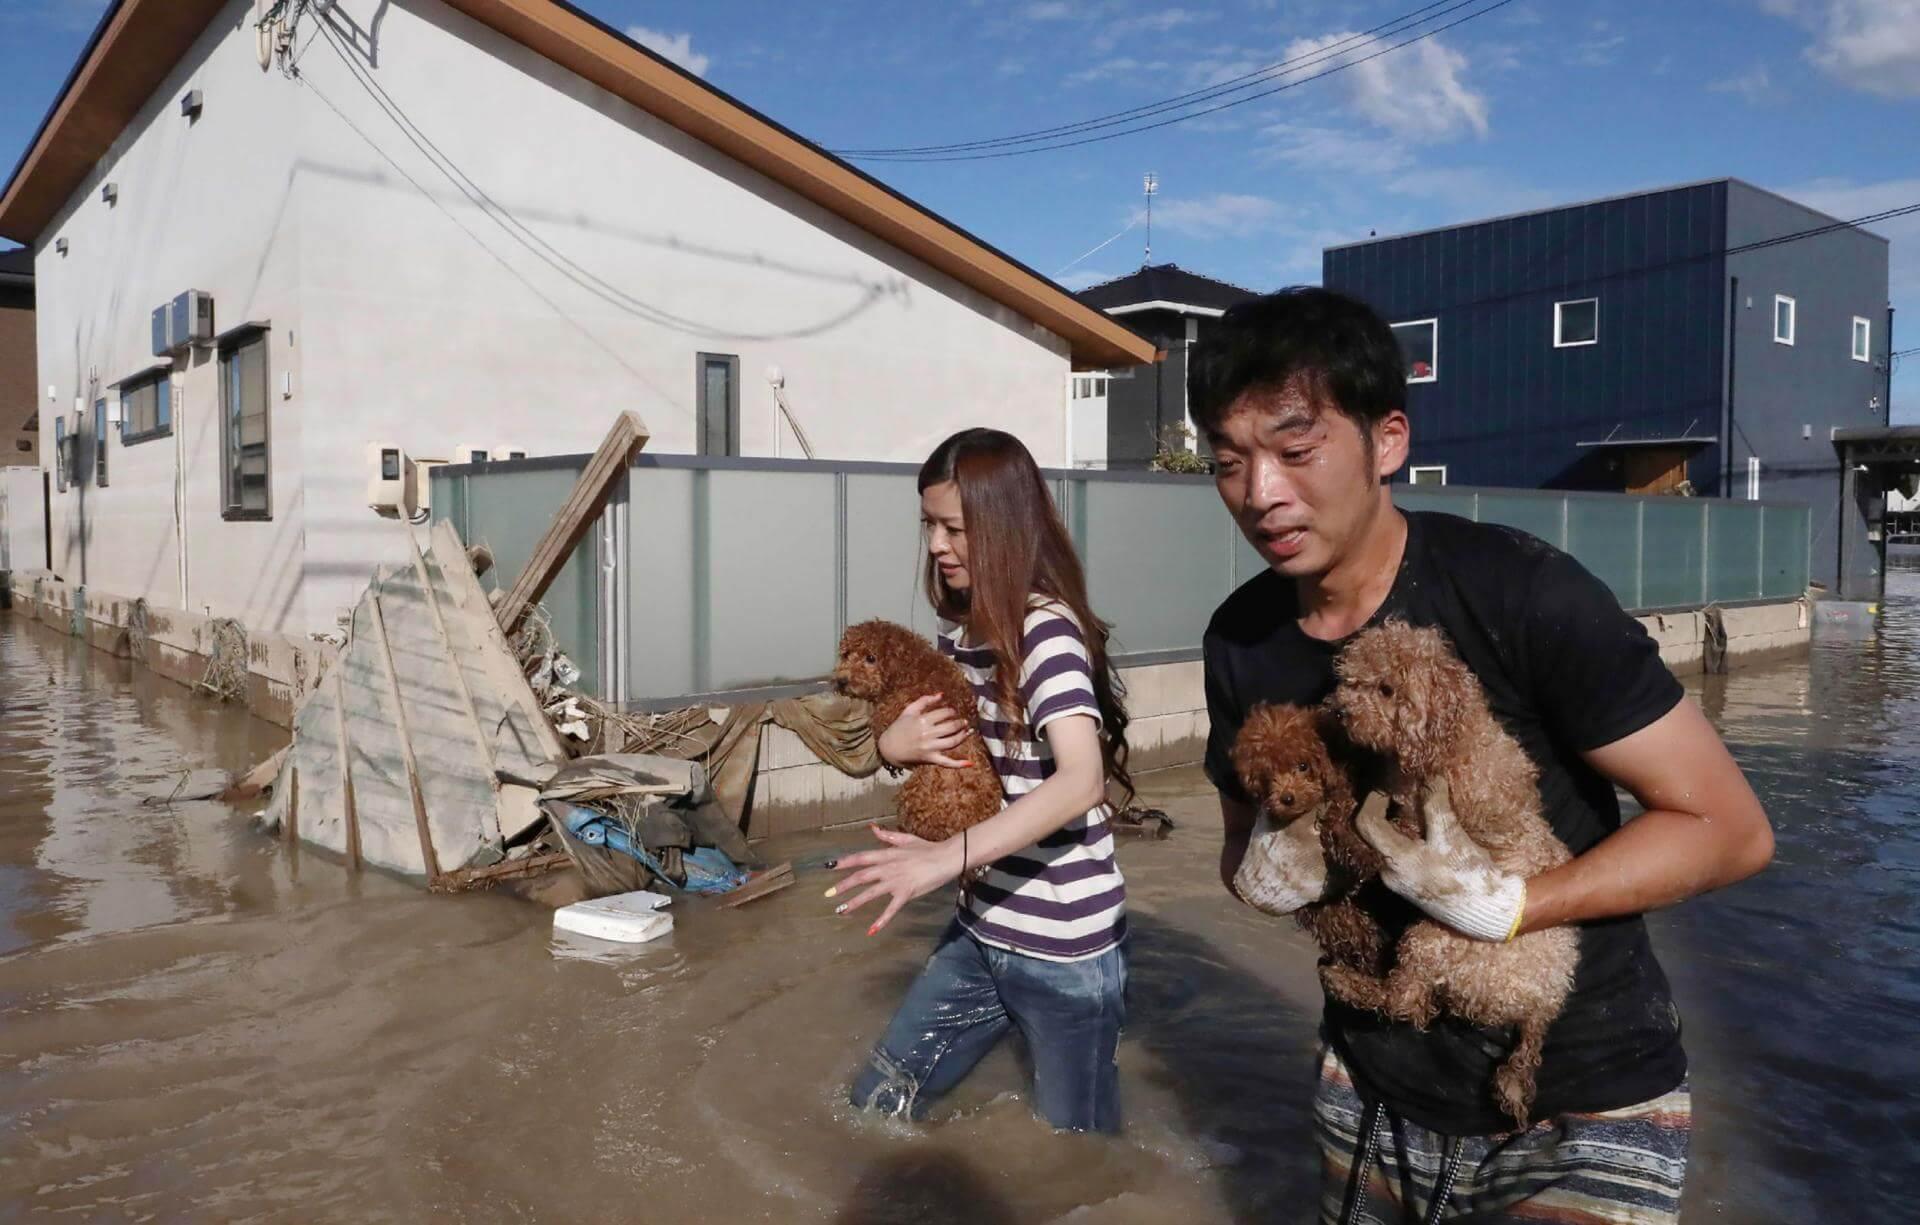 Los residentes rescatan perros del área inundada en Kurashiki, prefectura de Okayama el 8 de julio de 2018. Fotografía: AP